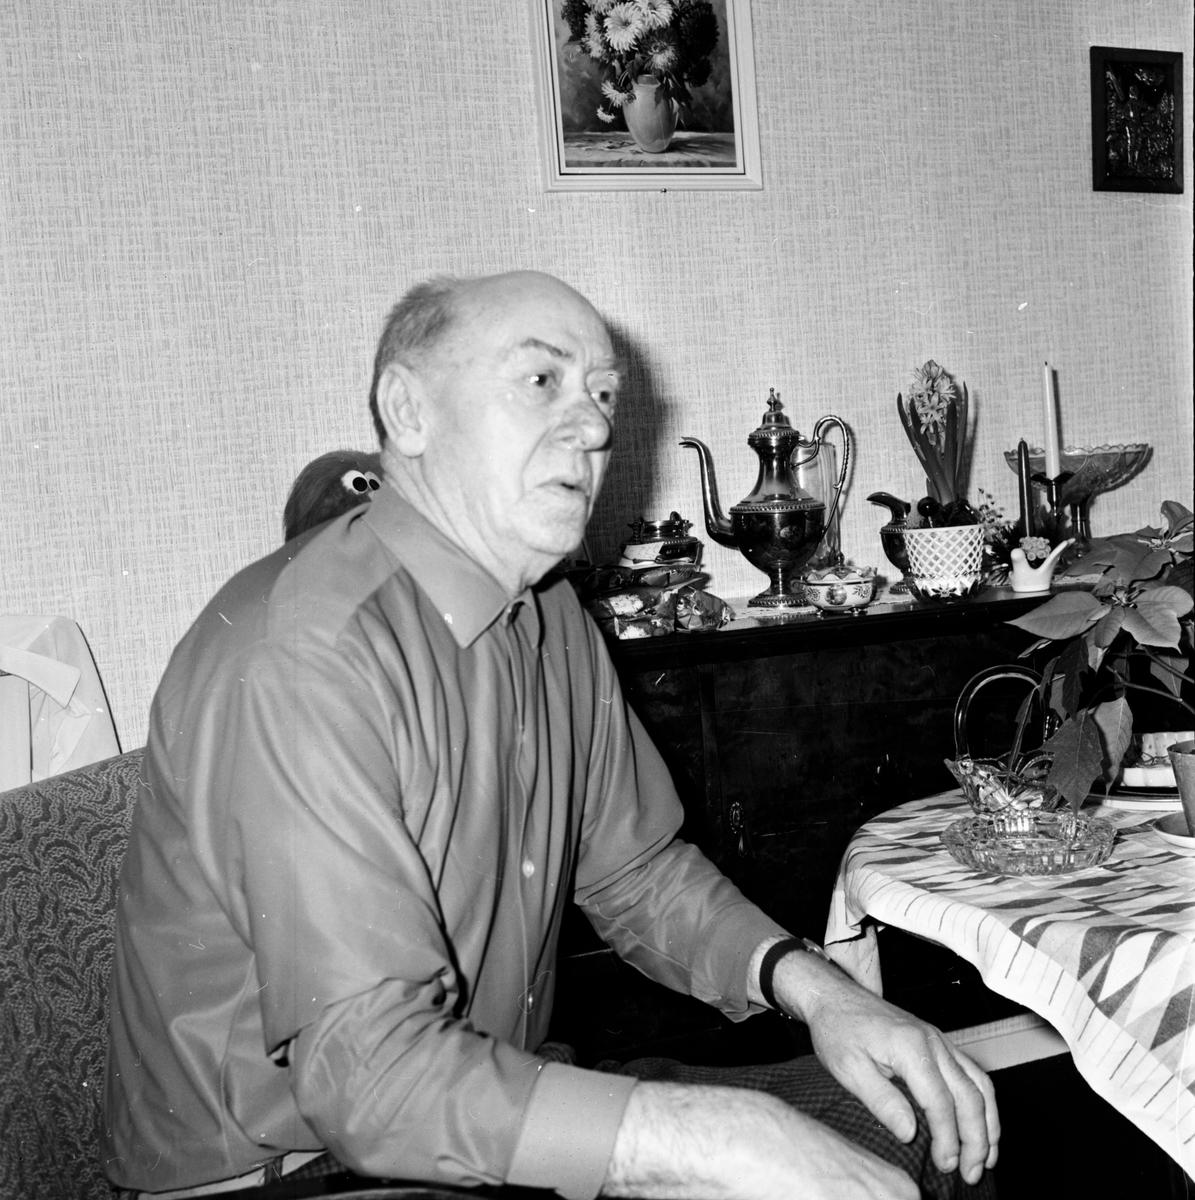 Arbrå, Inflyttning i Säljen o Aspen, Dec 1970